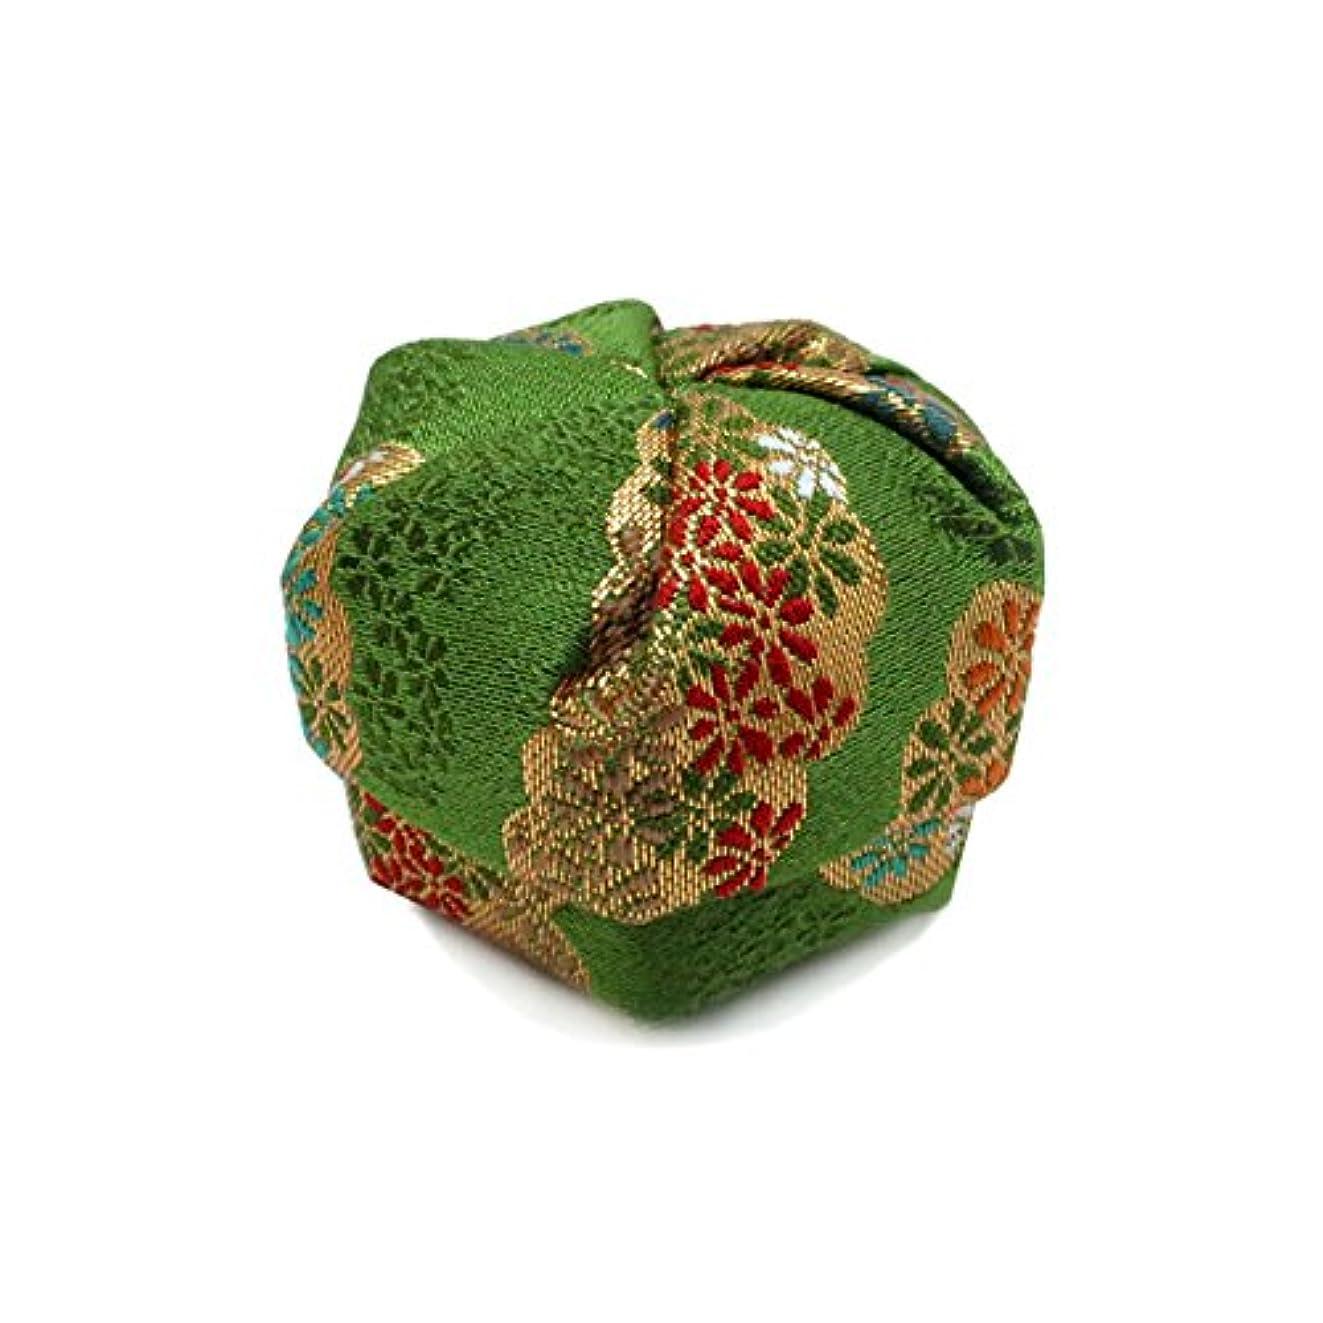 ビル間違えた伝統布香盒 緑系 紙箱入